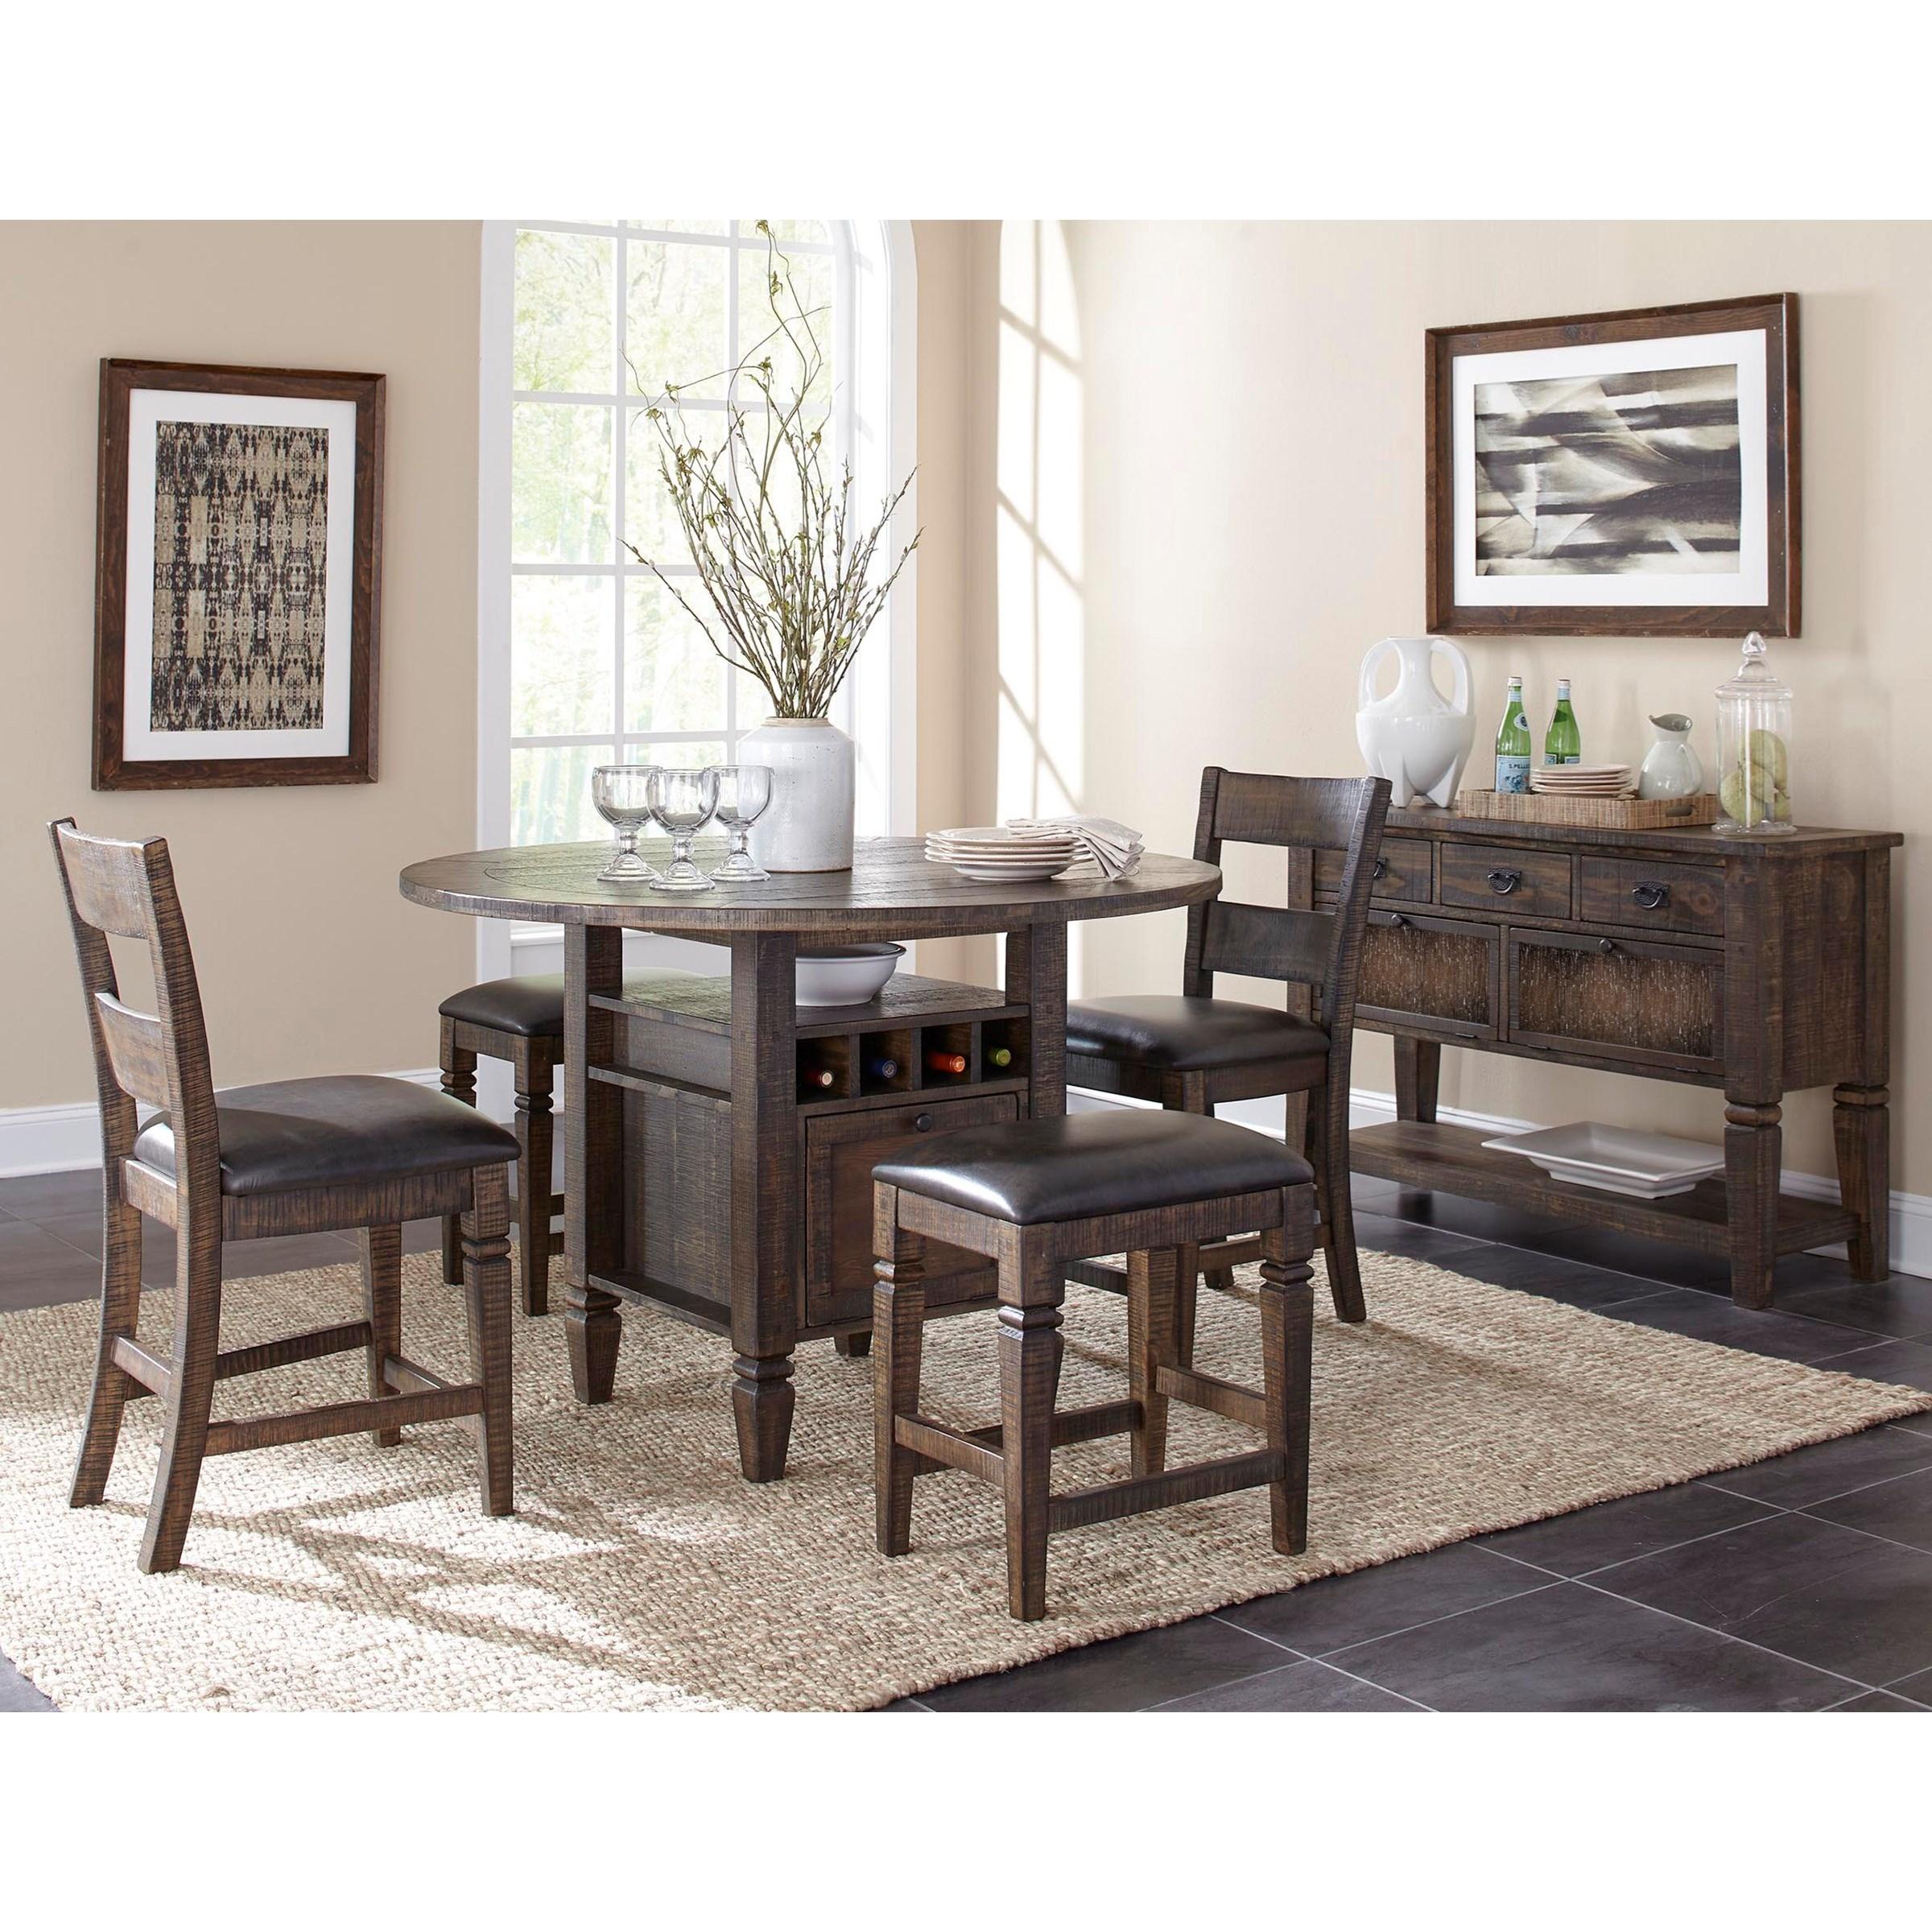 Sunny Designs Homestead 2 Solid Wood Ladderback Barstool